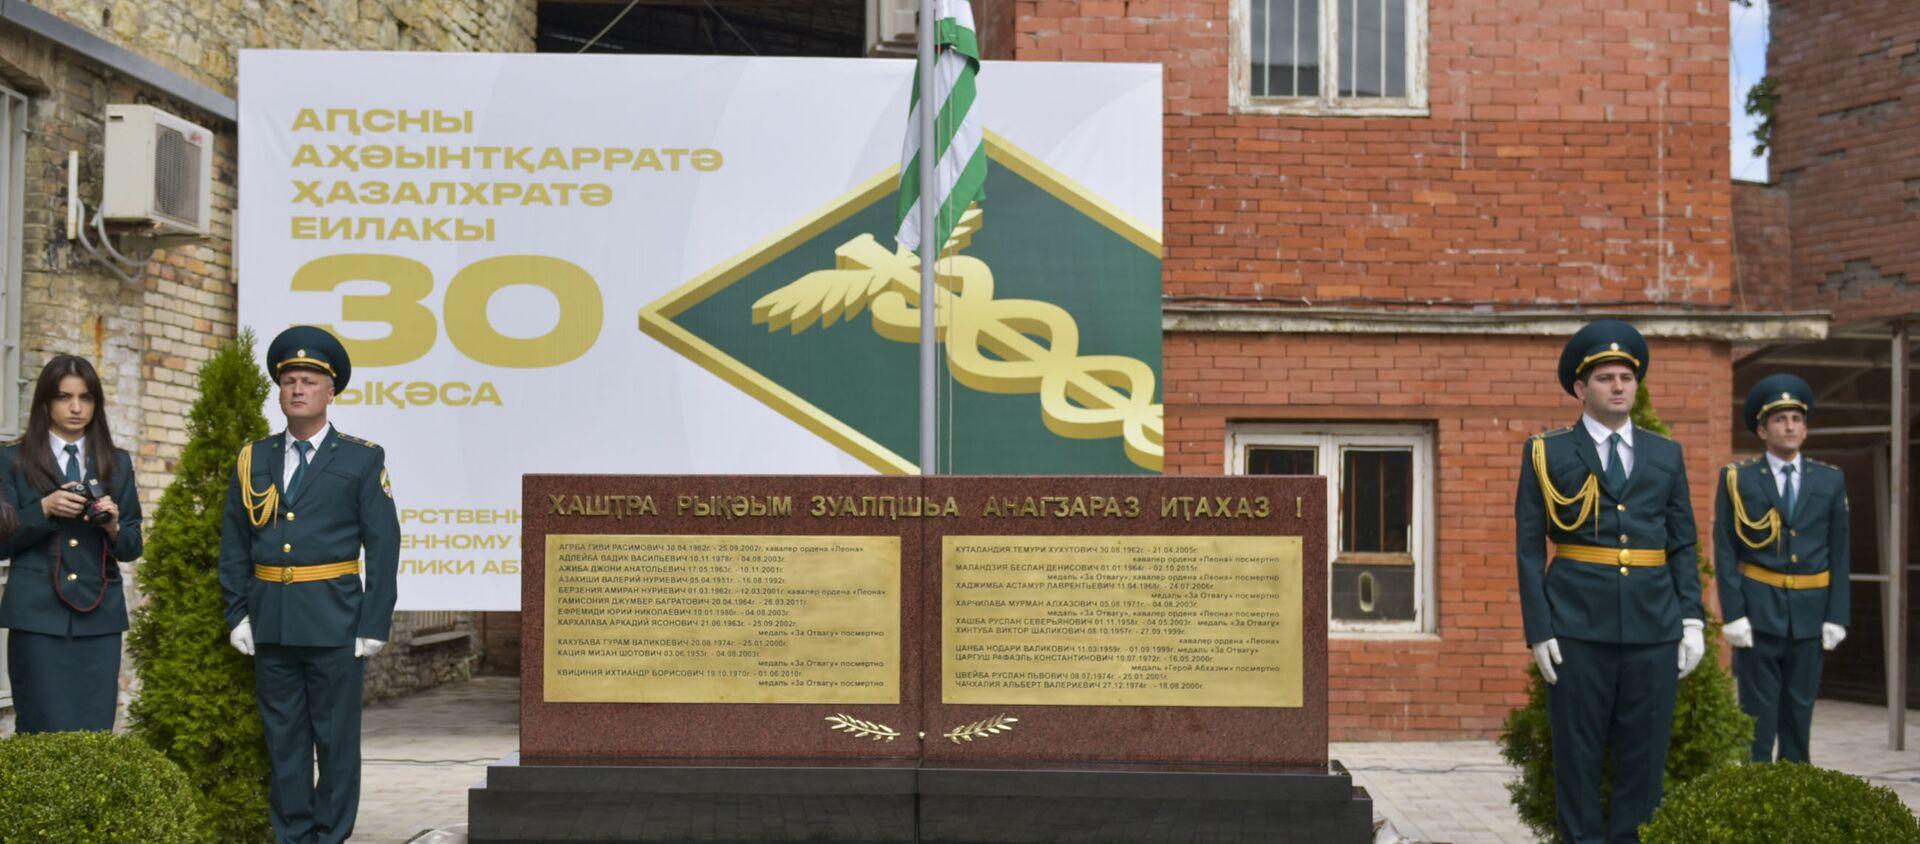 Памятник погибшим сотрудникам открыли в Государственном таможенном комитете - Sputnik Аҧсны, 1920, 27.09.2021